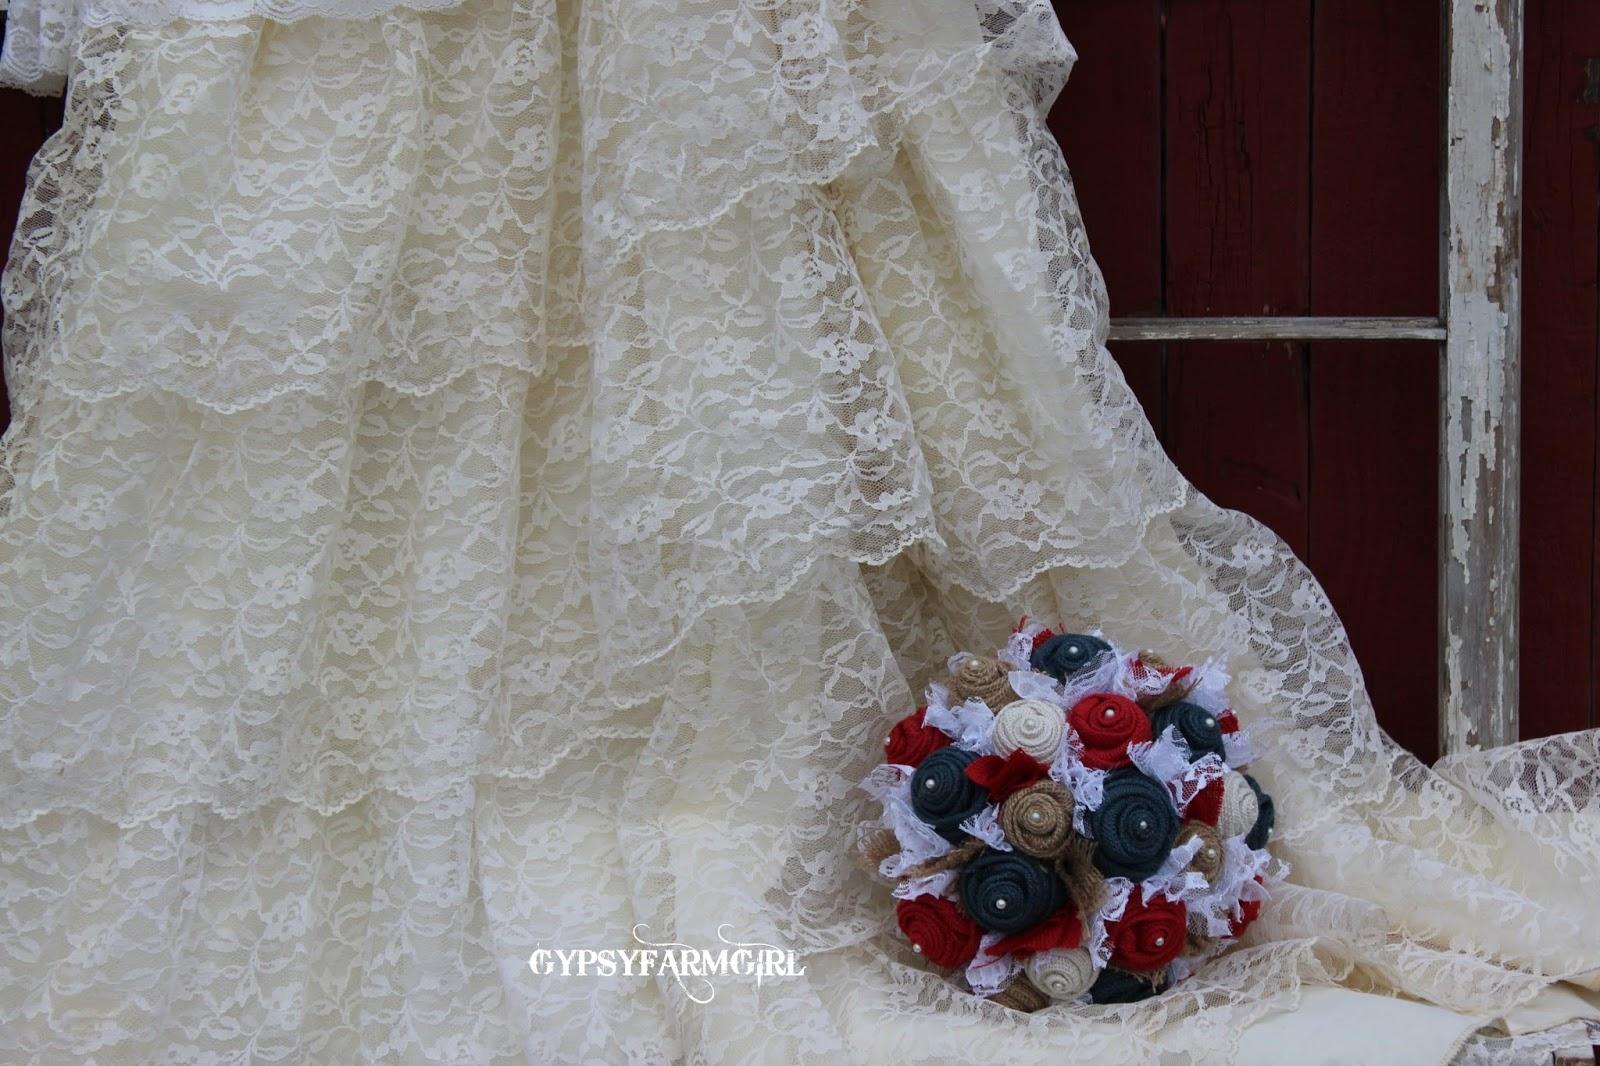 burlap and lace patriotic wedding bouquet